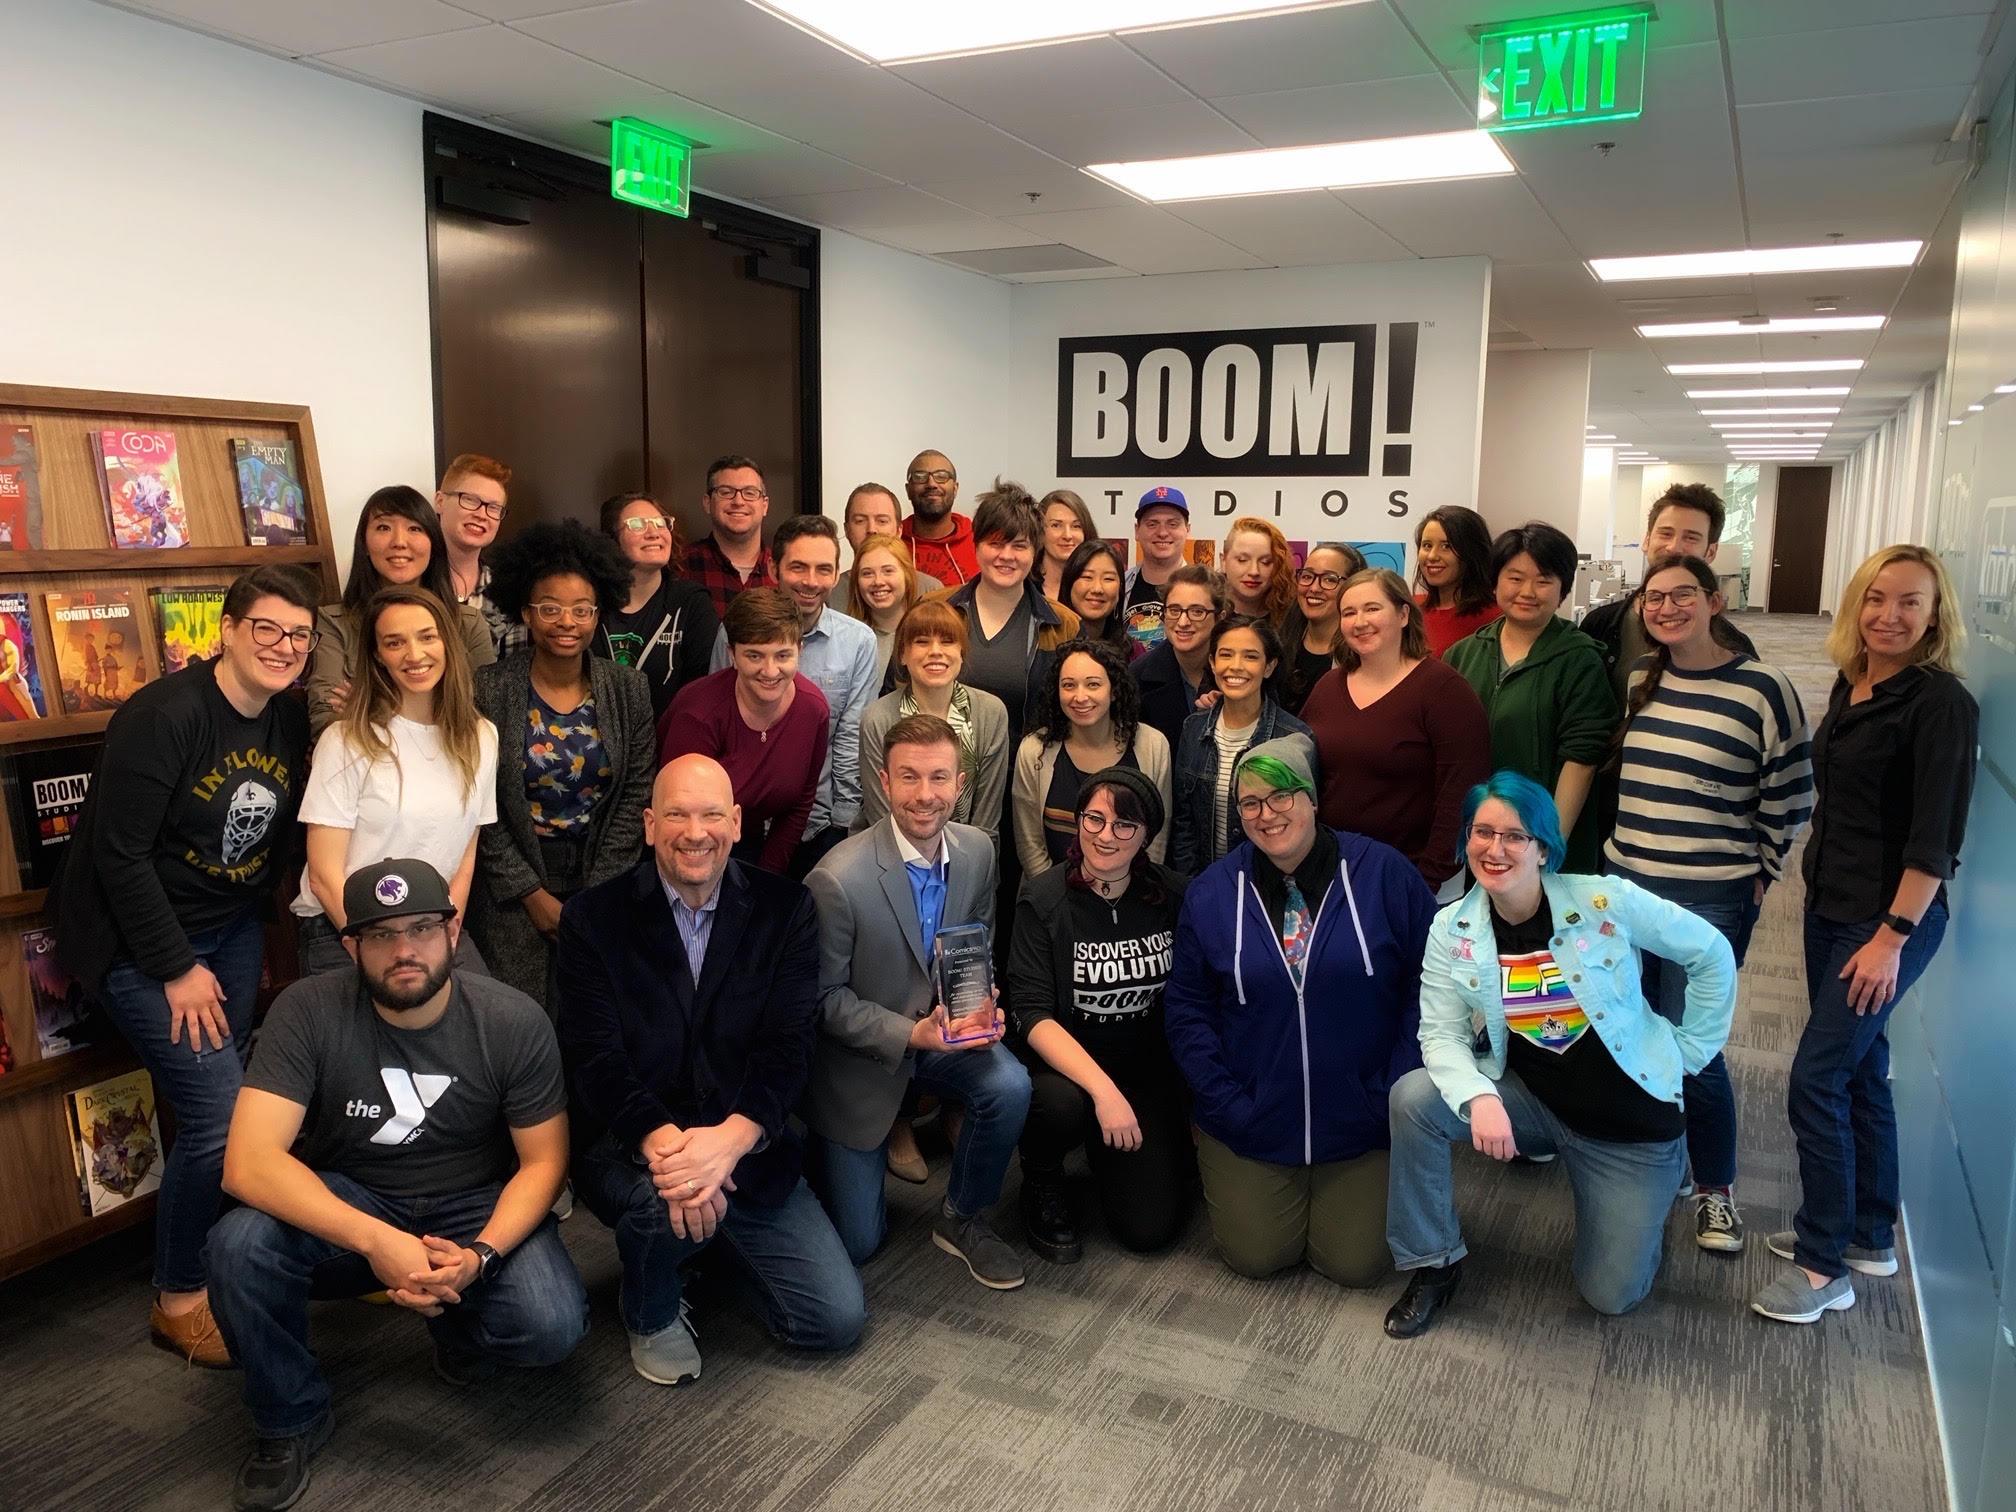 BOOM! Studios team